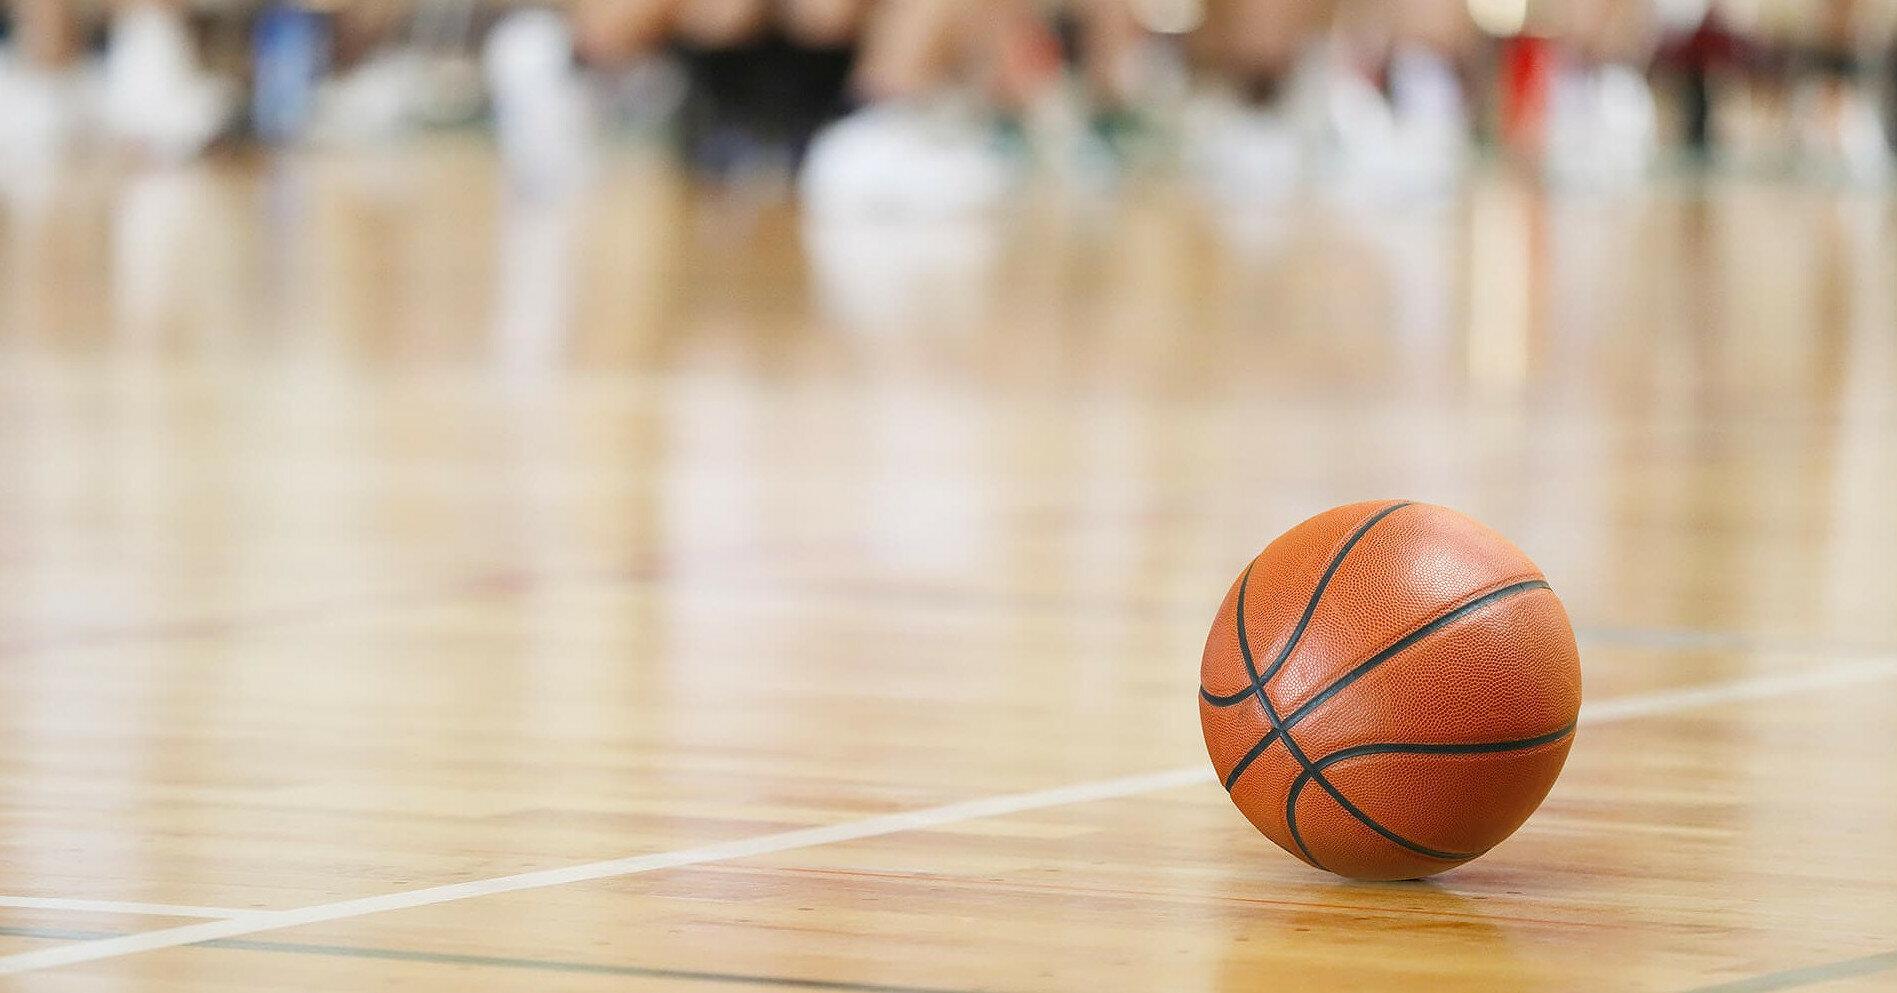 Сборная Украины по баскетболу узнала соперников в отборе на ЧМ-2023